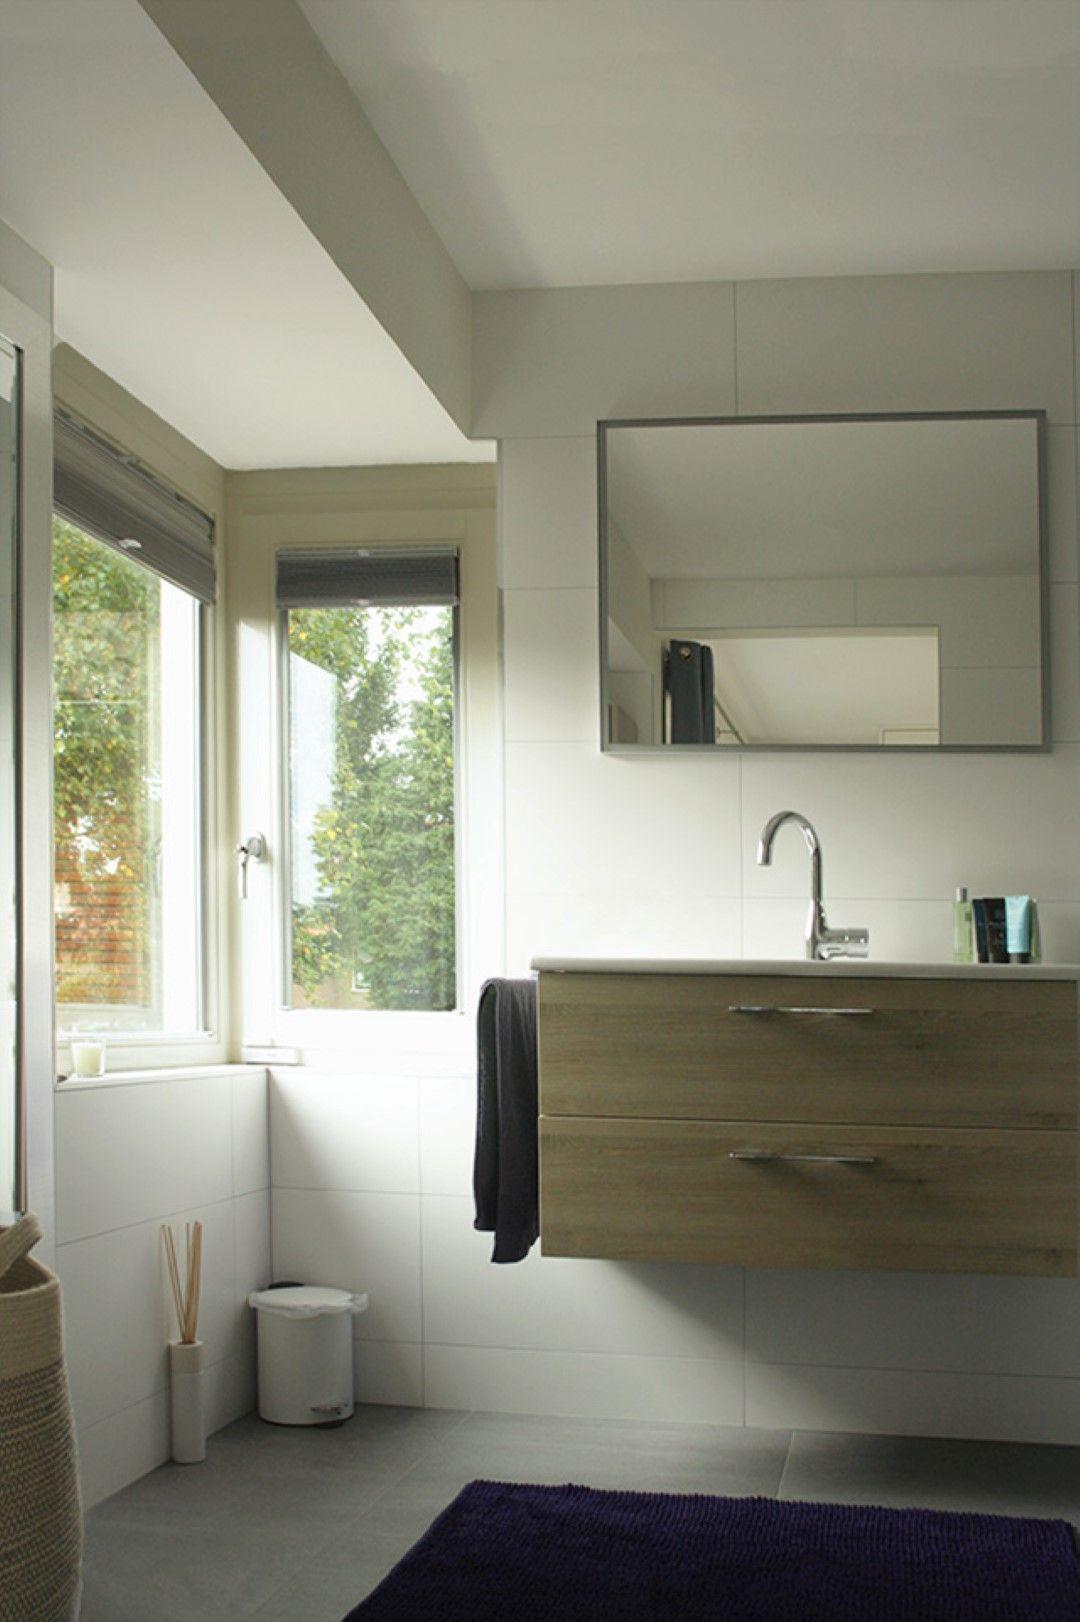 Jaren 30 woning nieuwbouw badkamer - Zelf geschoten | Pictures ...